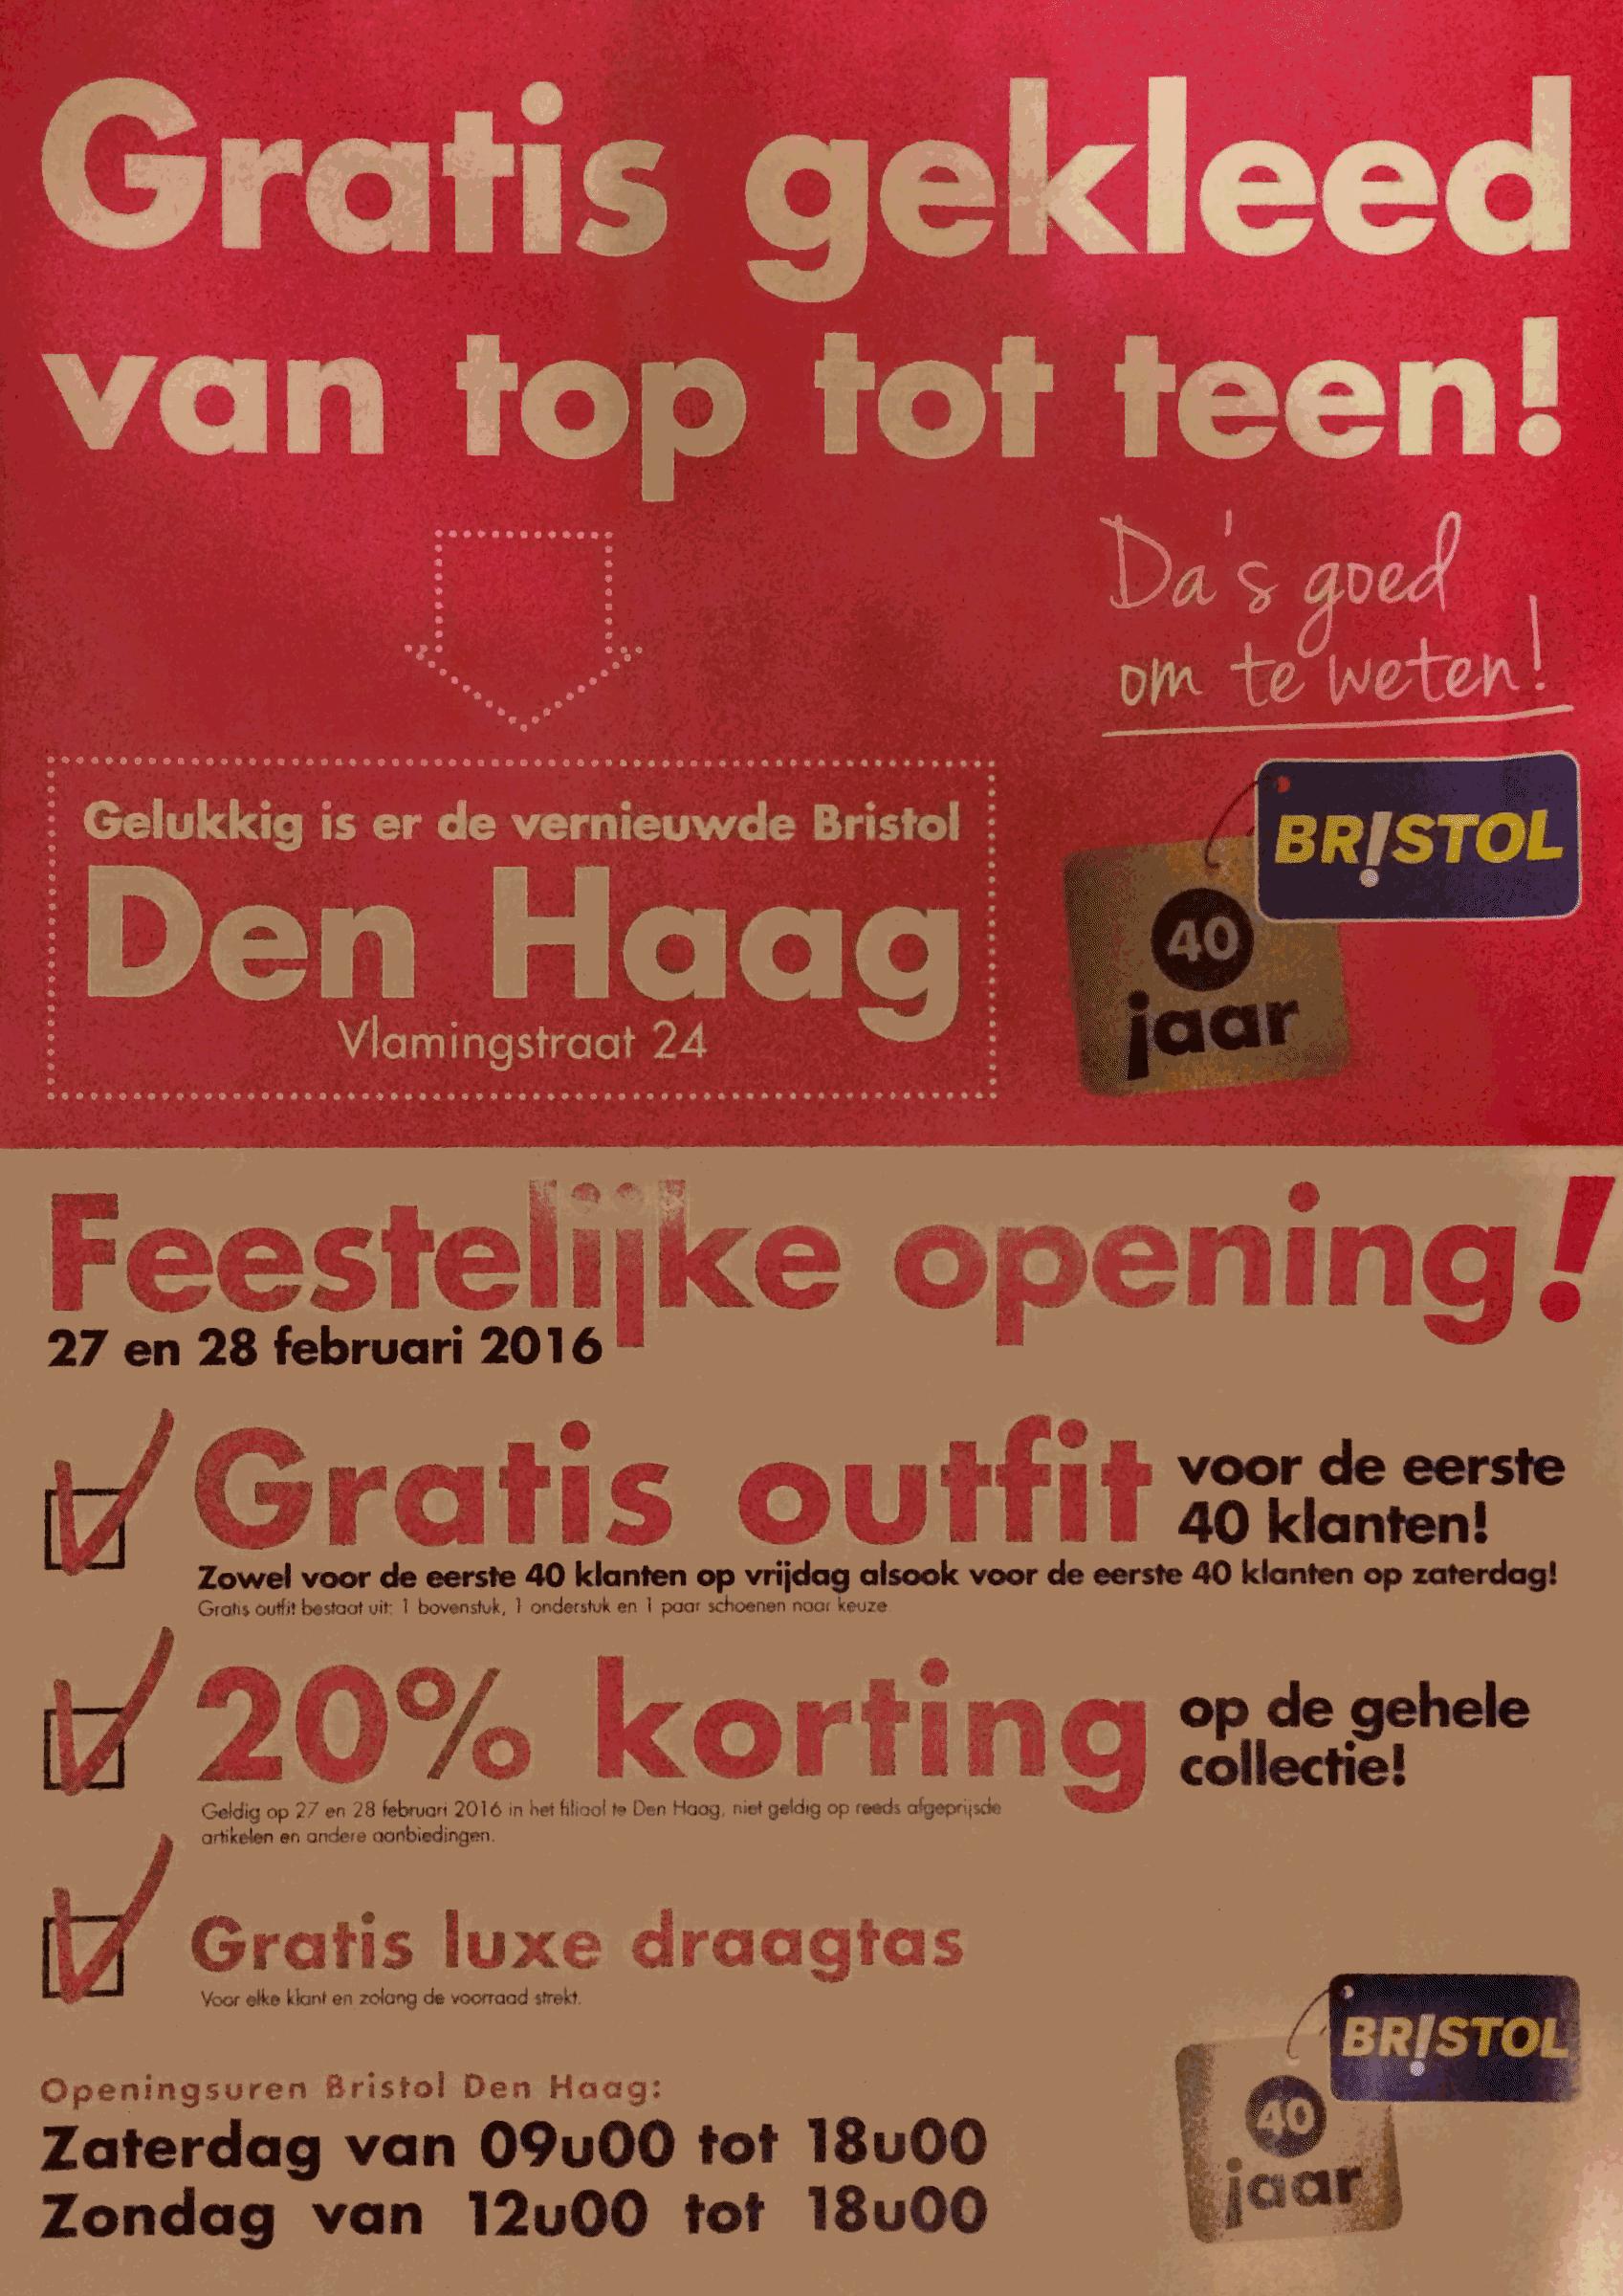 Openingsactie winkels van Biristol in Den Haag, Valkenburg, Oosterhout-Nijmegen, Cuijk, Den Bosch, Rotterdam-Alexandrium, Den Haag, Zoetermeer.